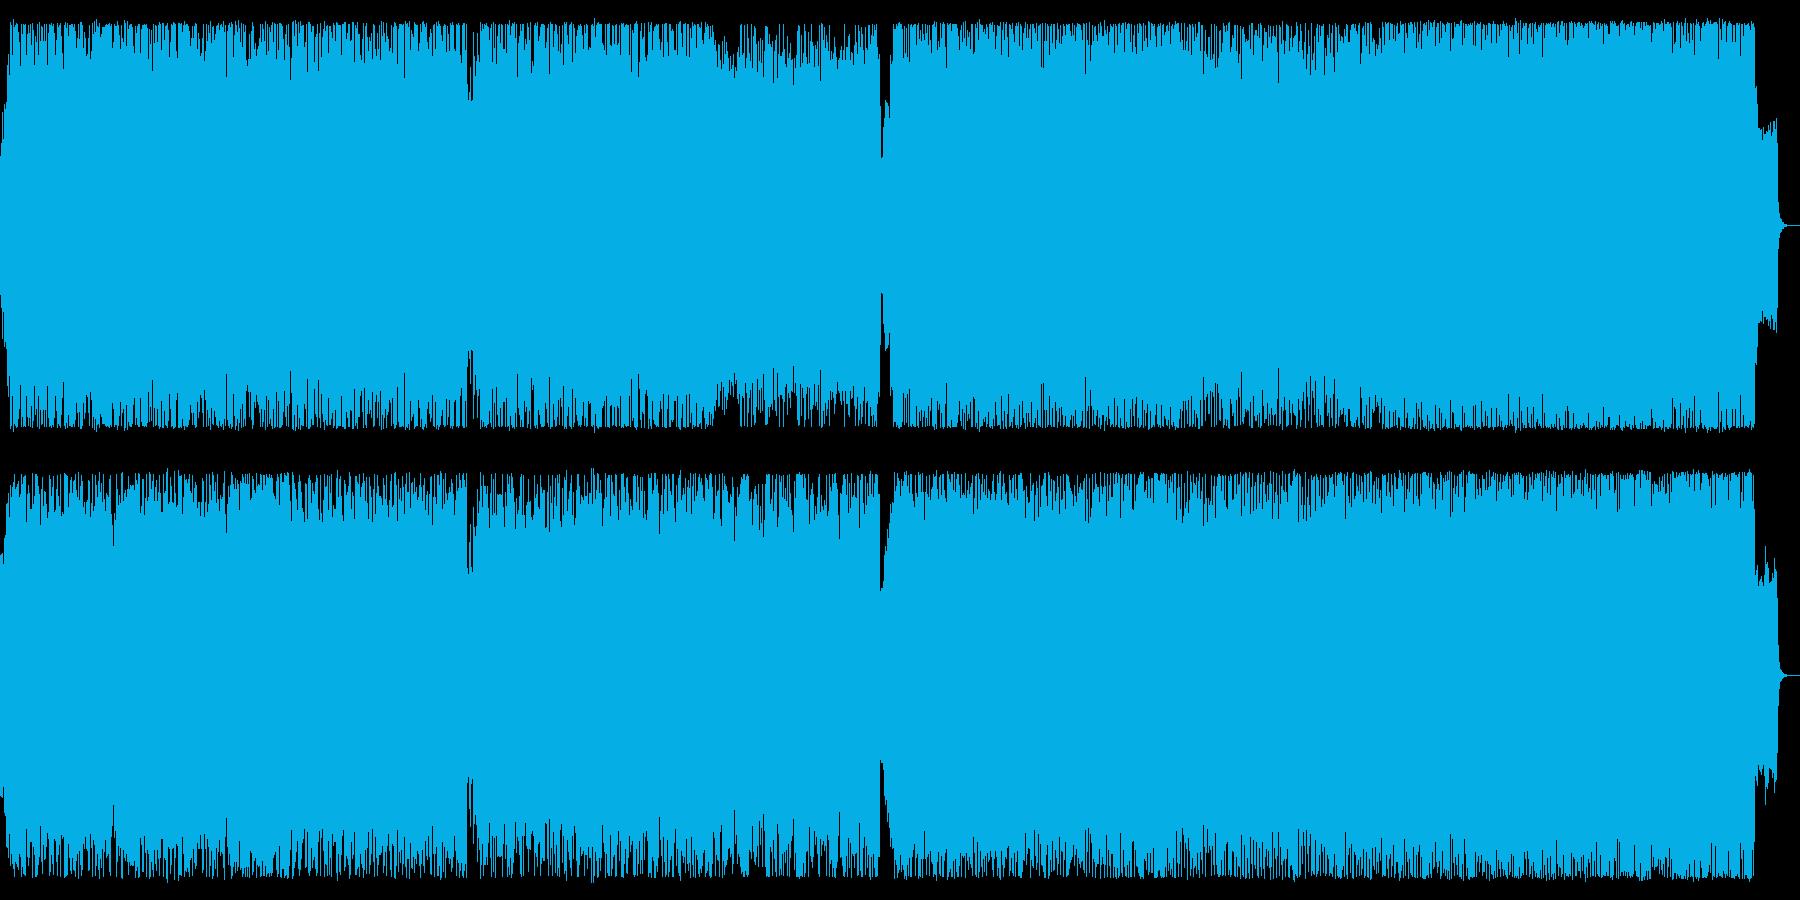 戦場を彷彿させるオーケストラ・ロング版の再生済みの波形